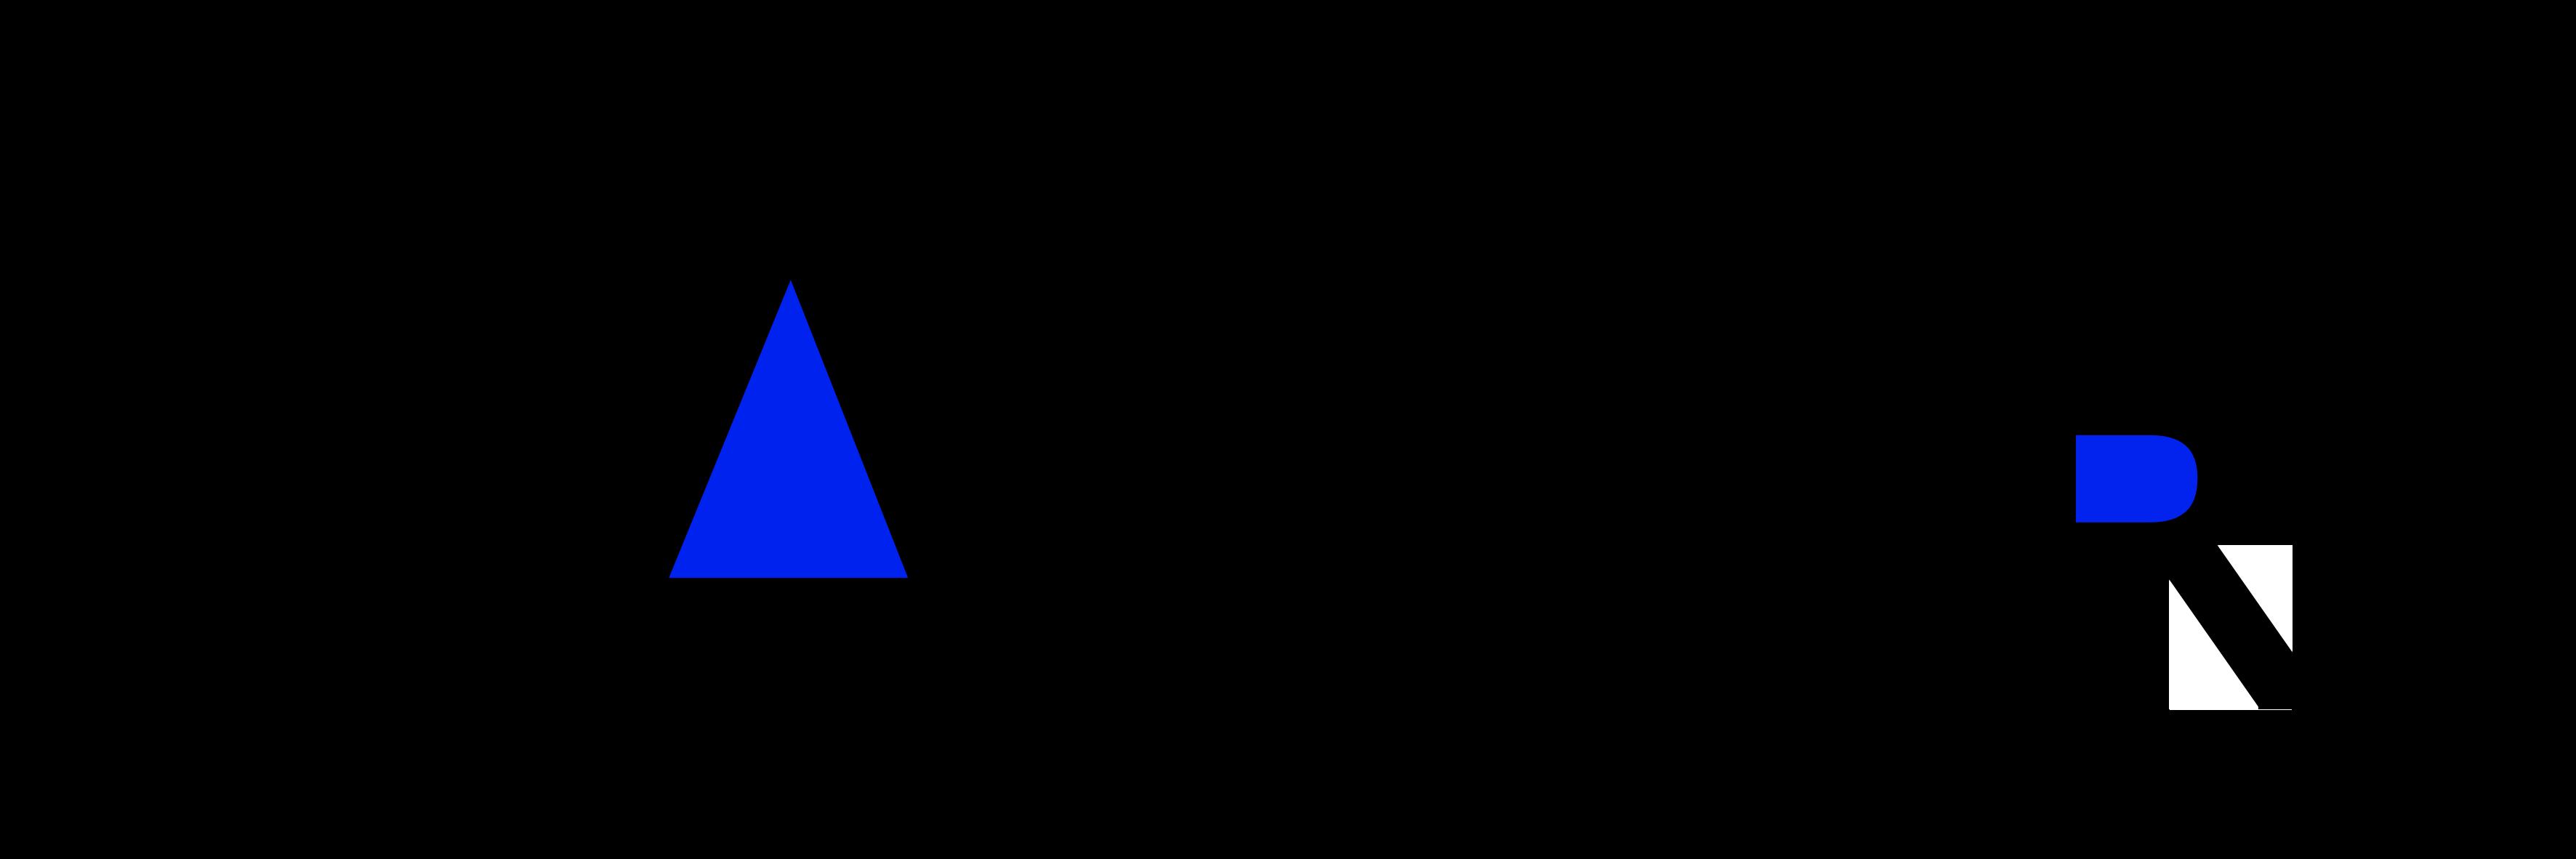 SeaClear_logo_2